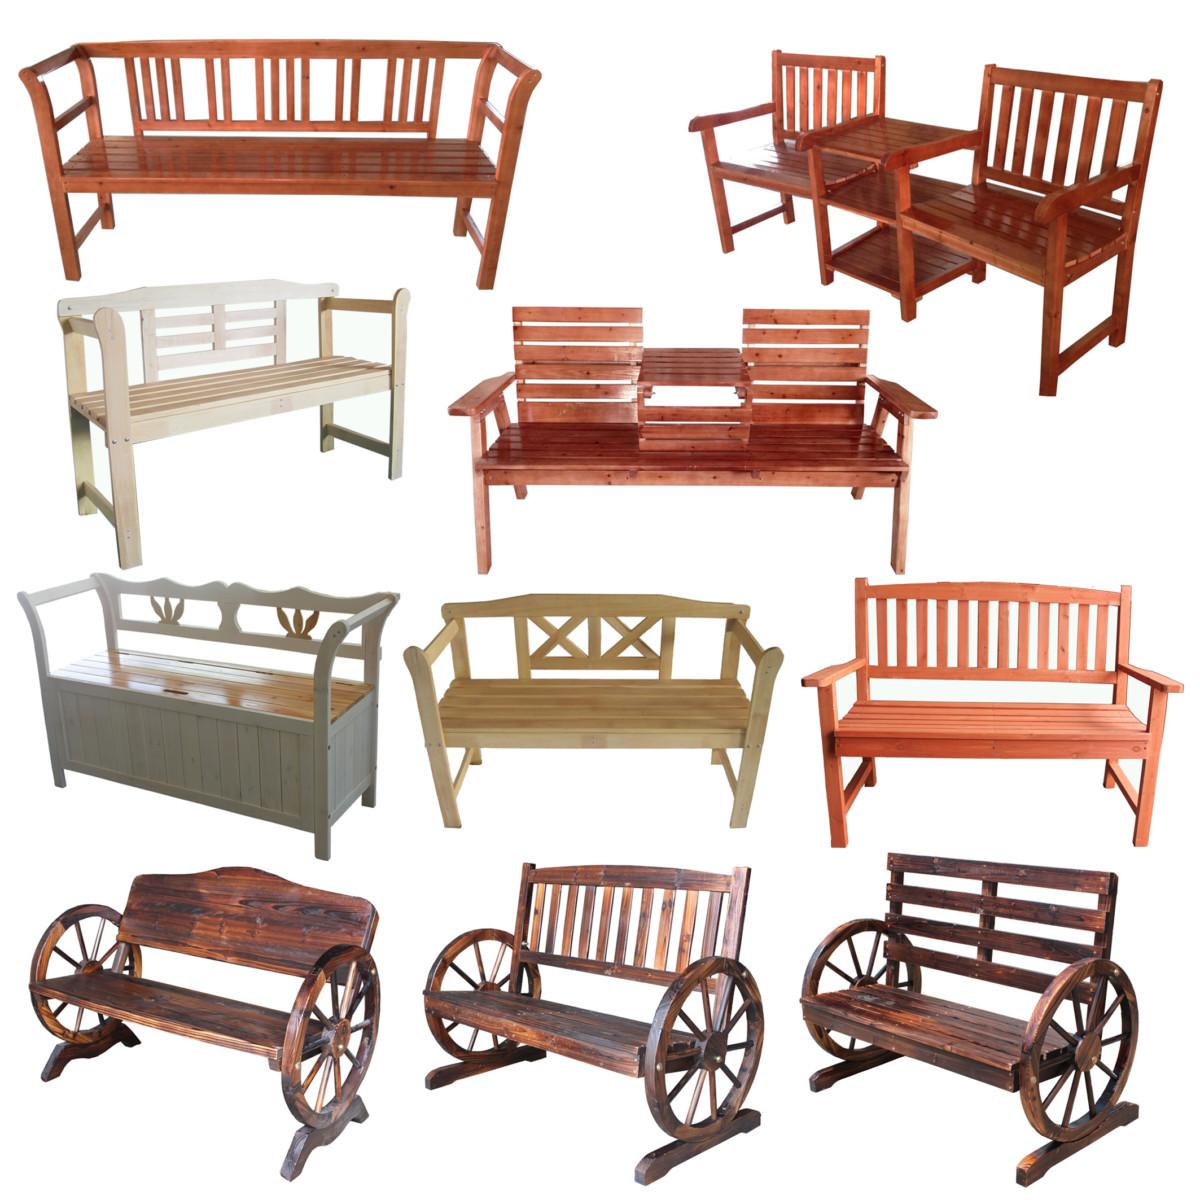 Table de jardin en bois avec banc - TopiWall